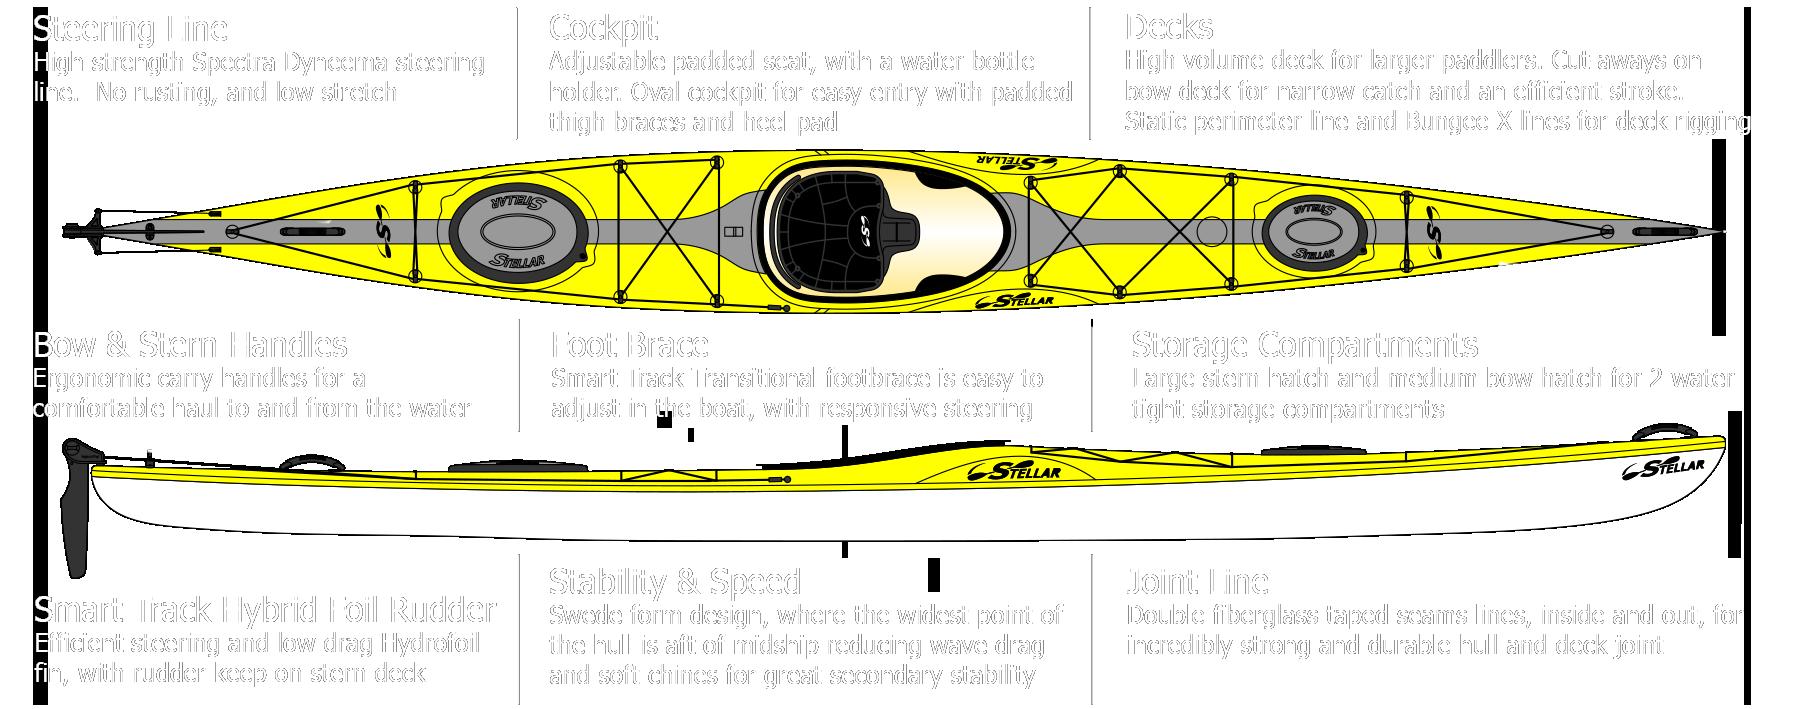 Stellar 18 Touring Kayak S18 Stellar Kayaks Usa Innovative Performance Surf Skis Racing Kayaks Touring Kayaks Stand Up Paddleboards Paddles And Accessories